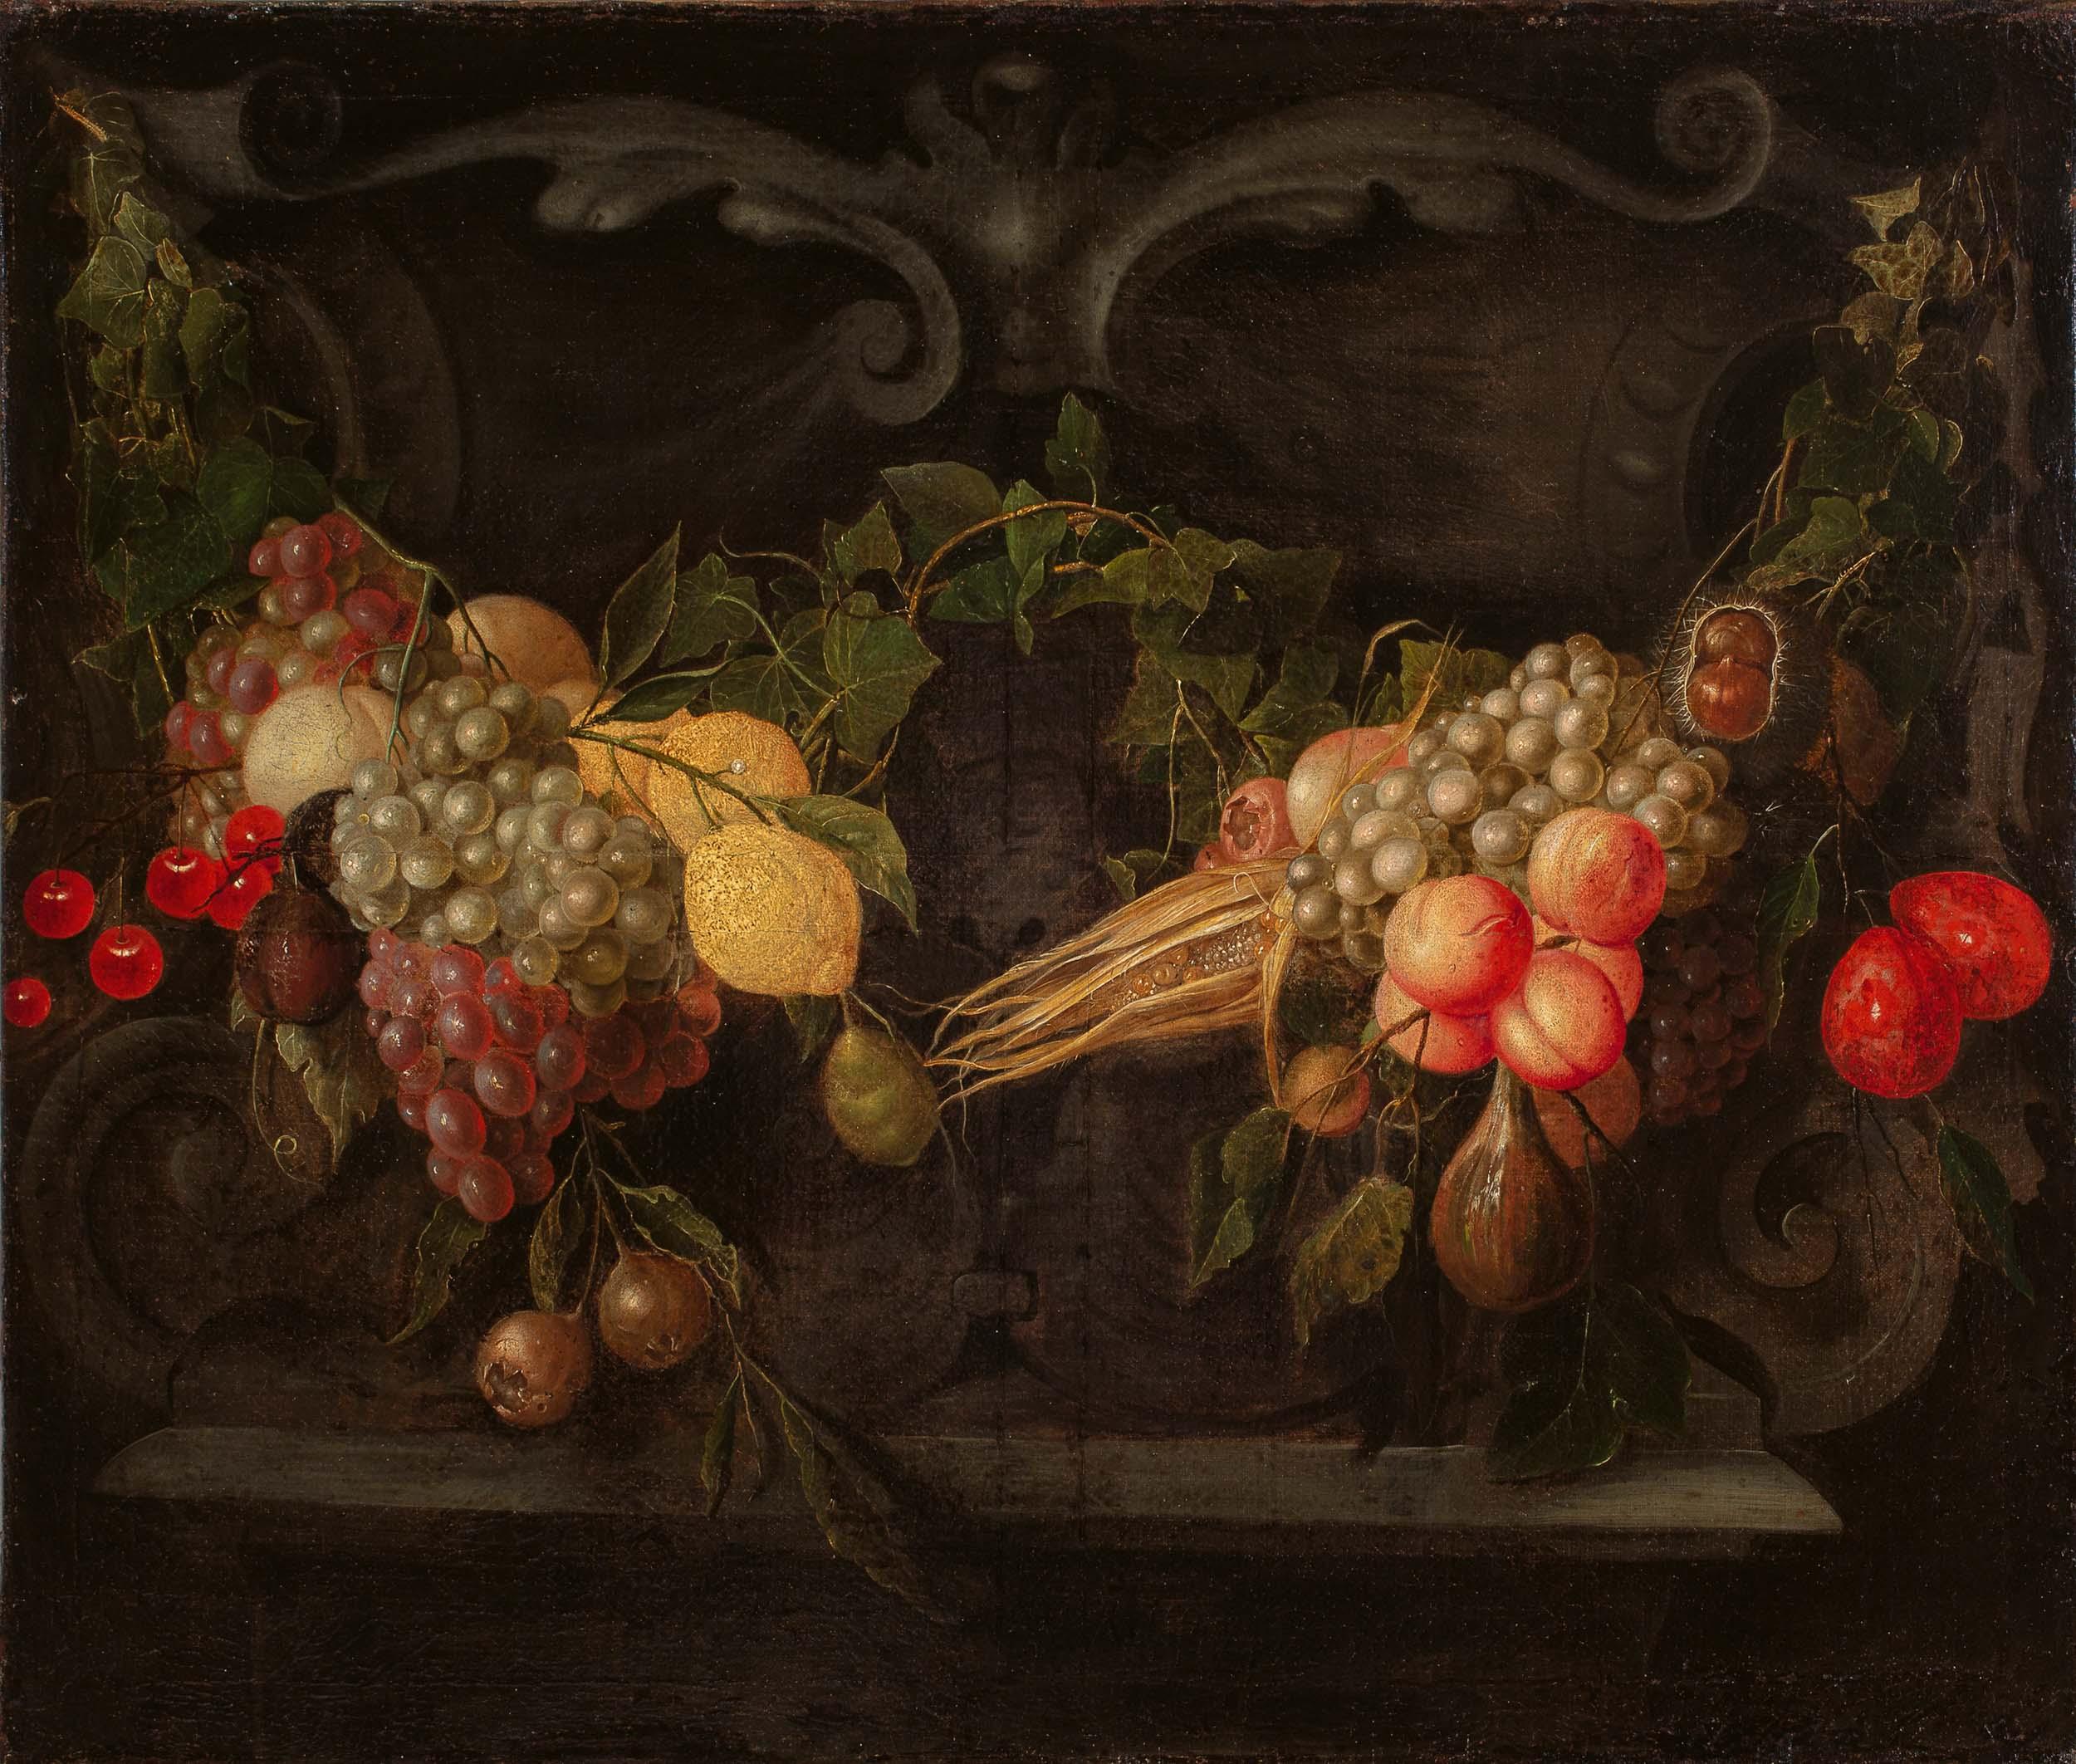 Garland of fruit